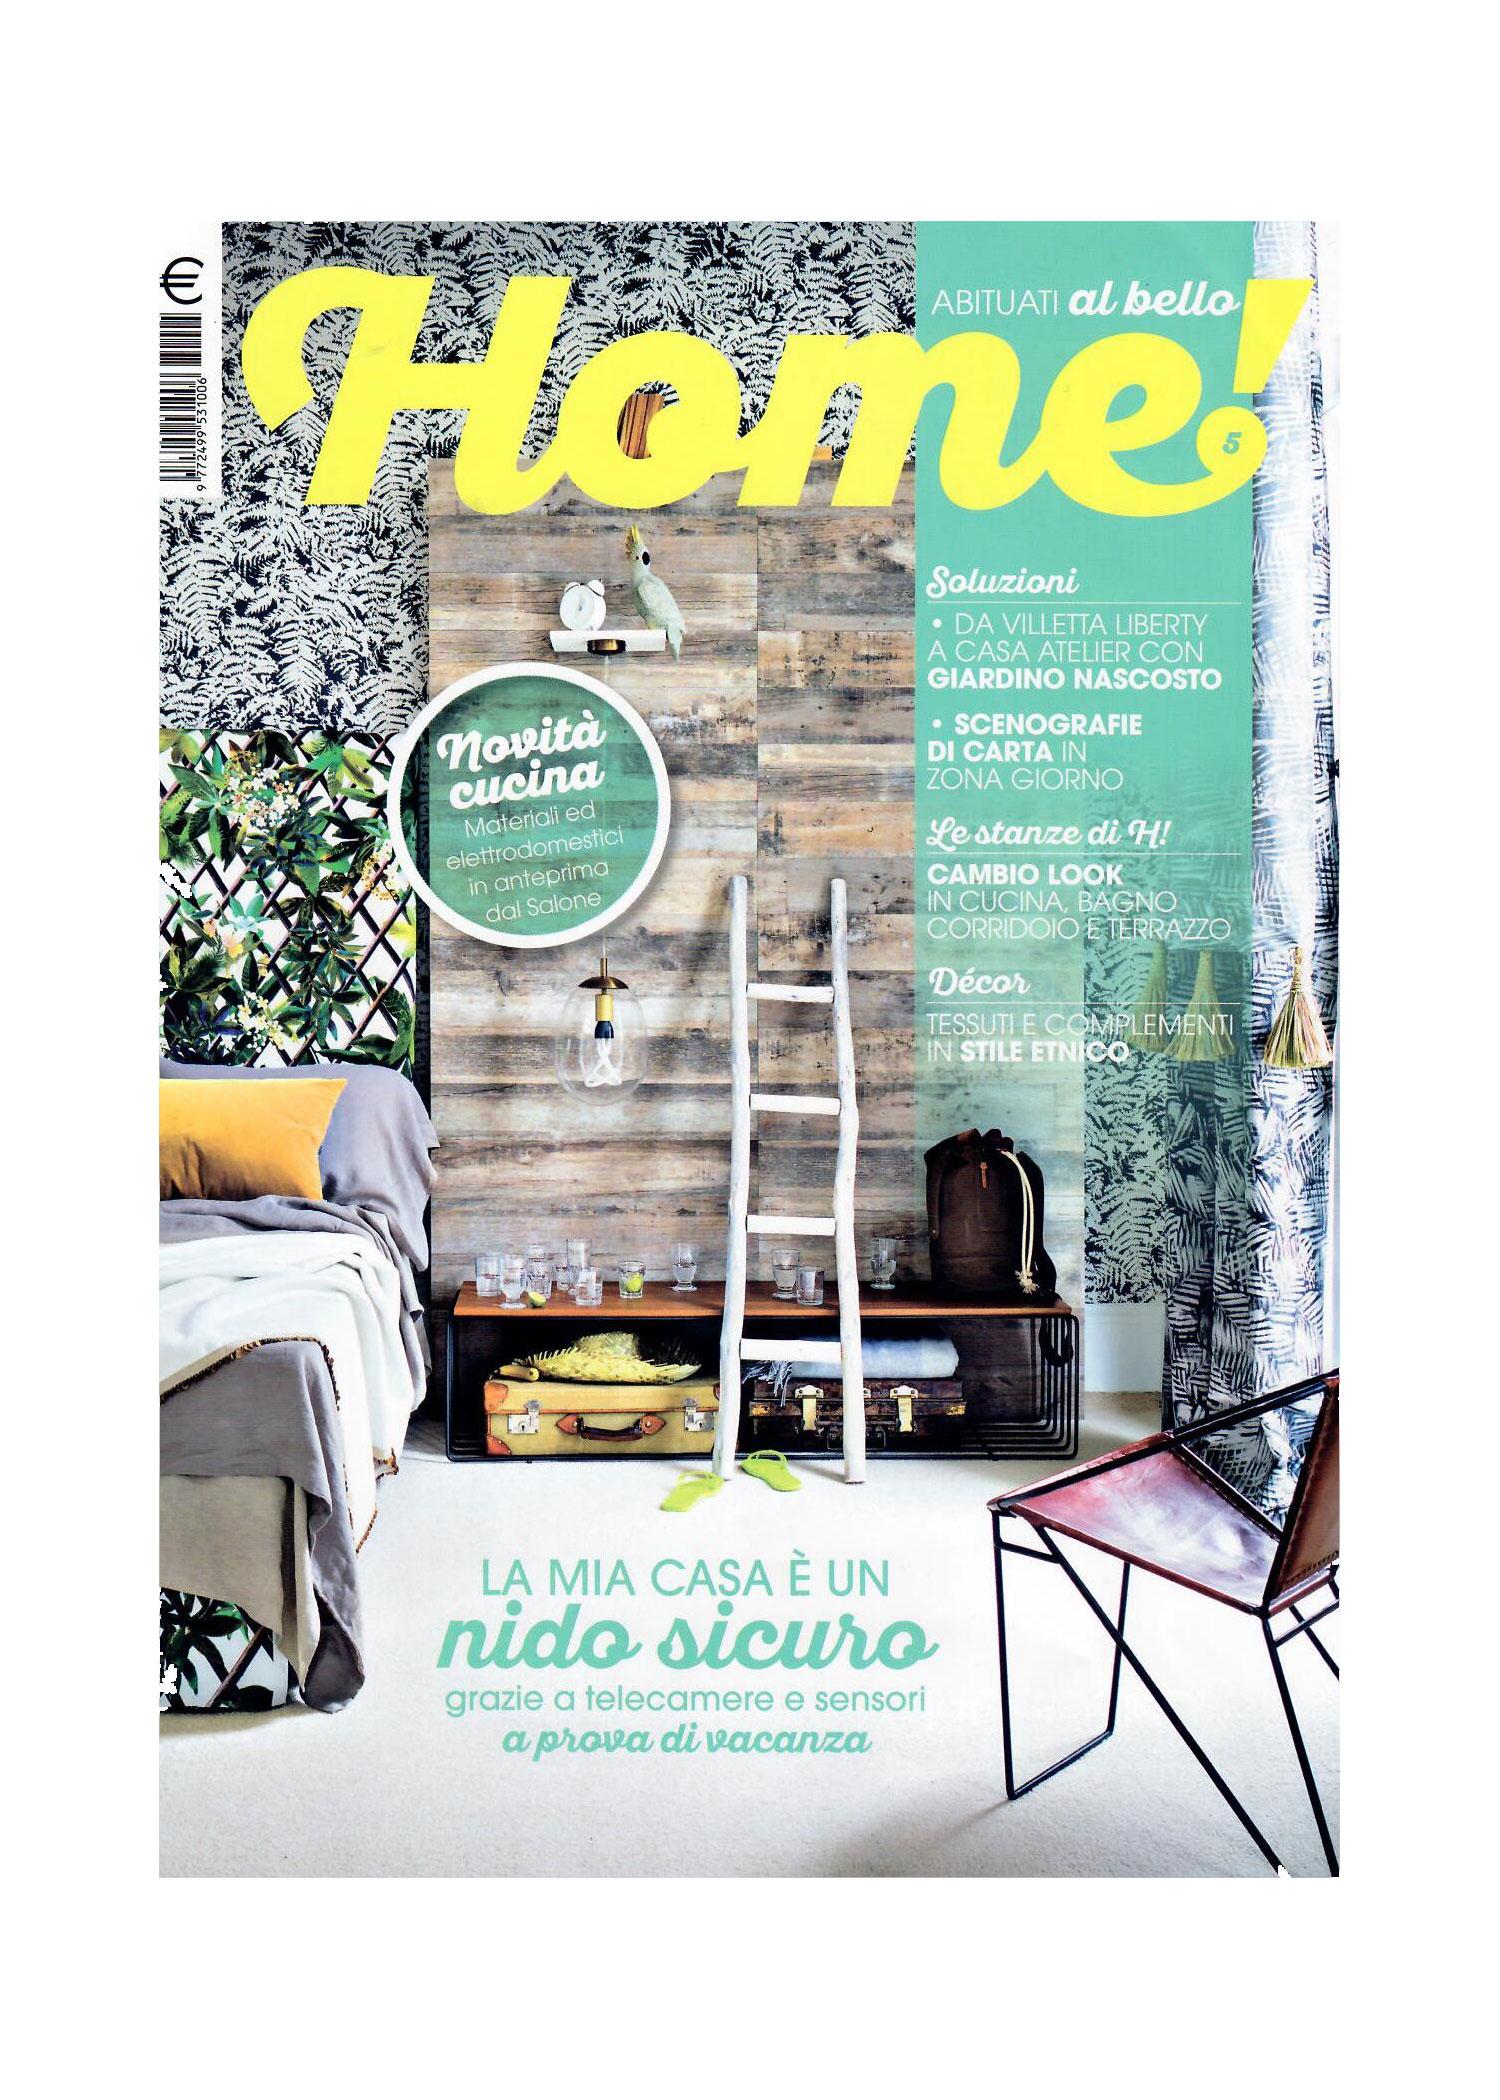 Laquercia21 pubblicazione Home! Aprile 2018 Fuorisalone